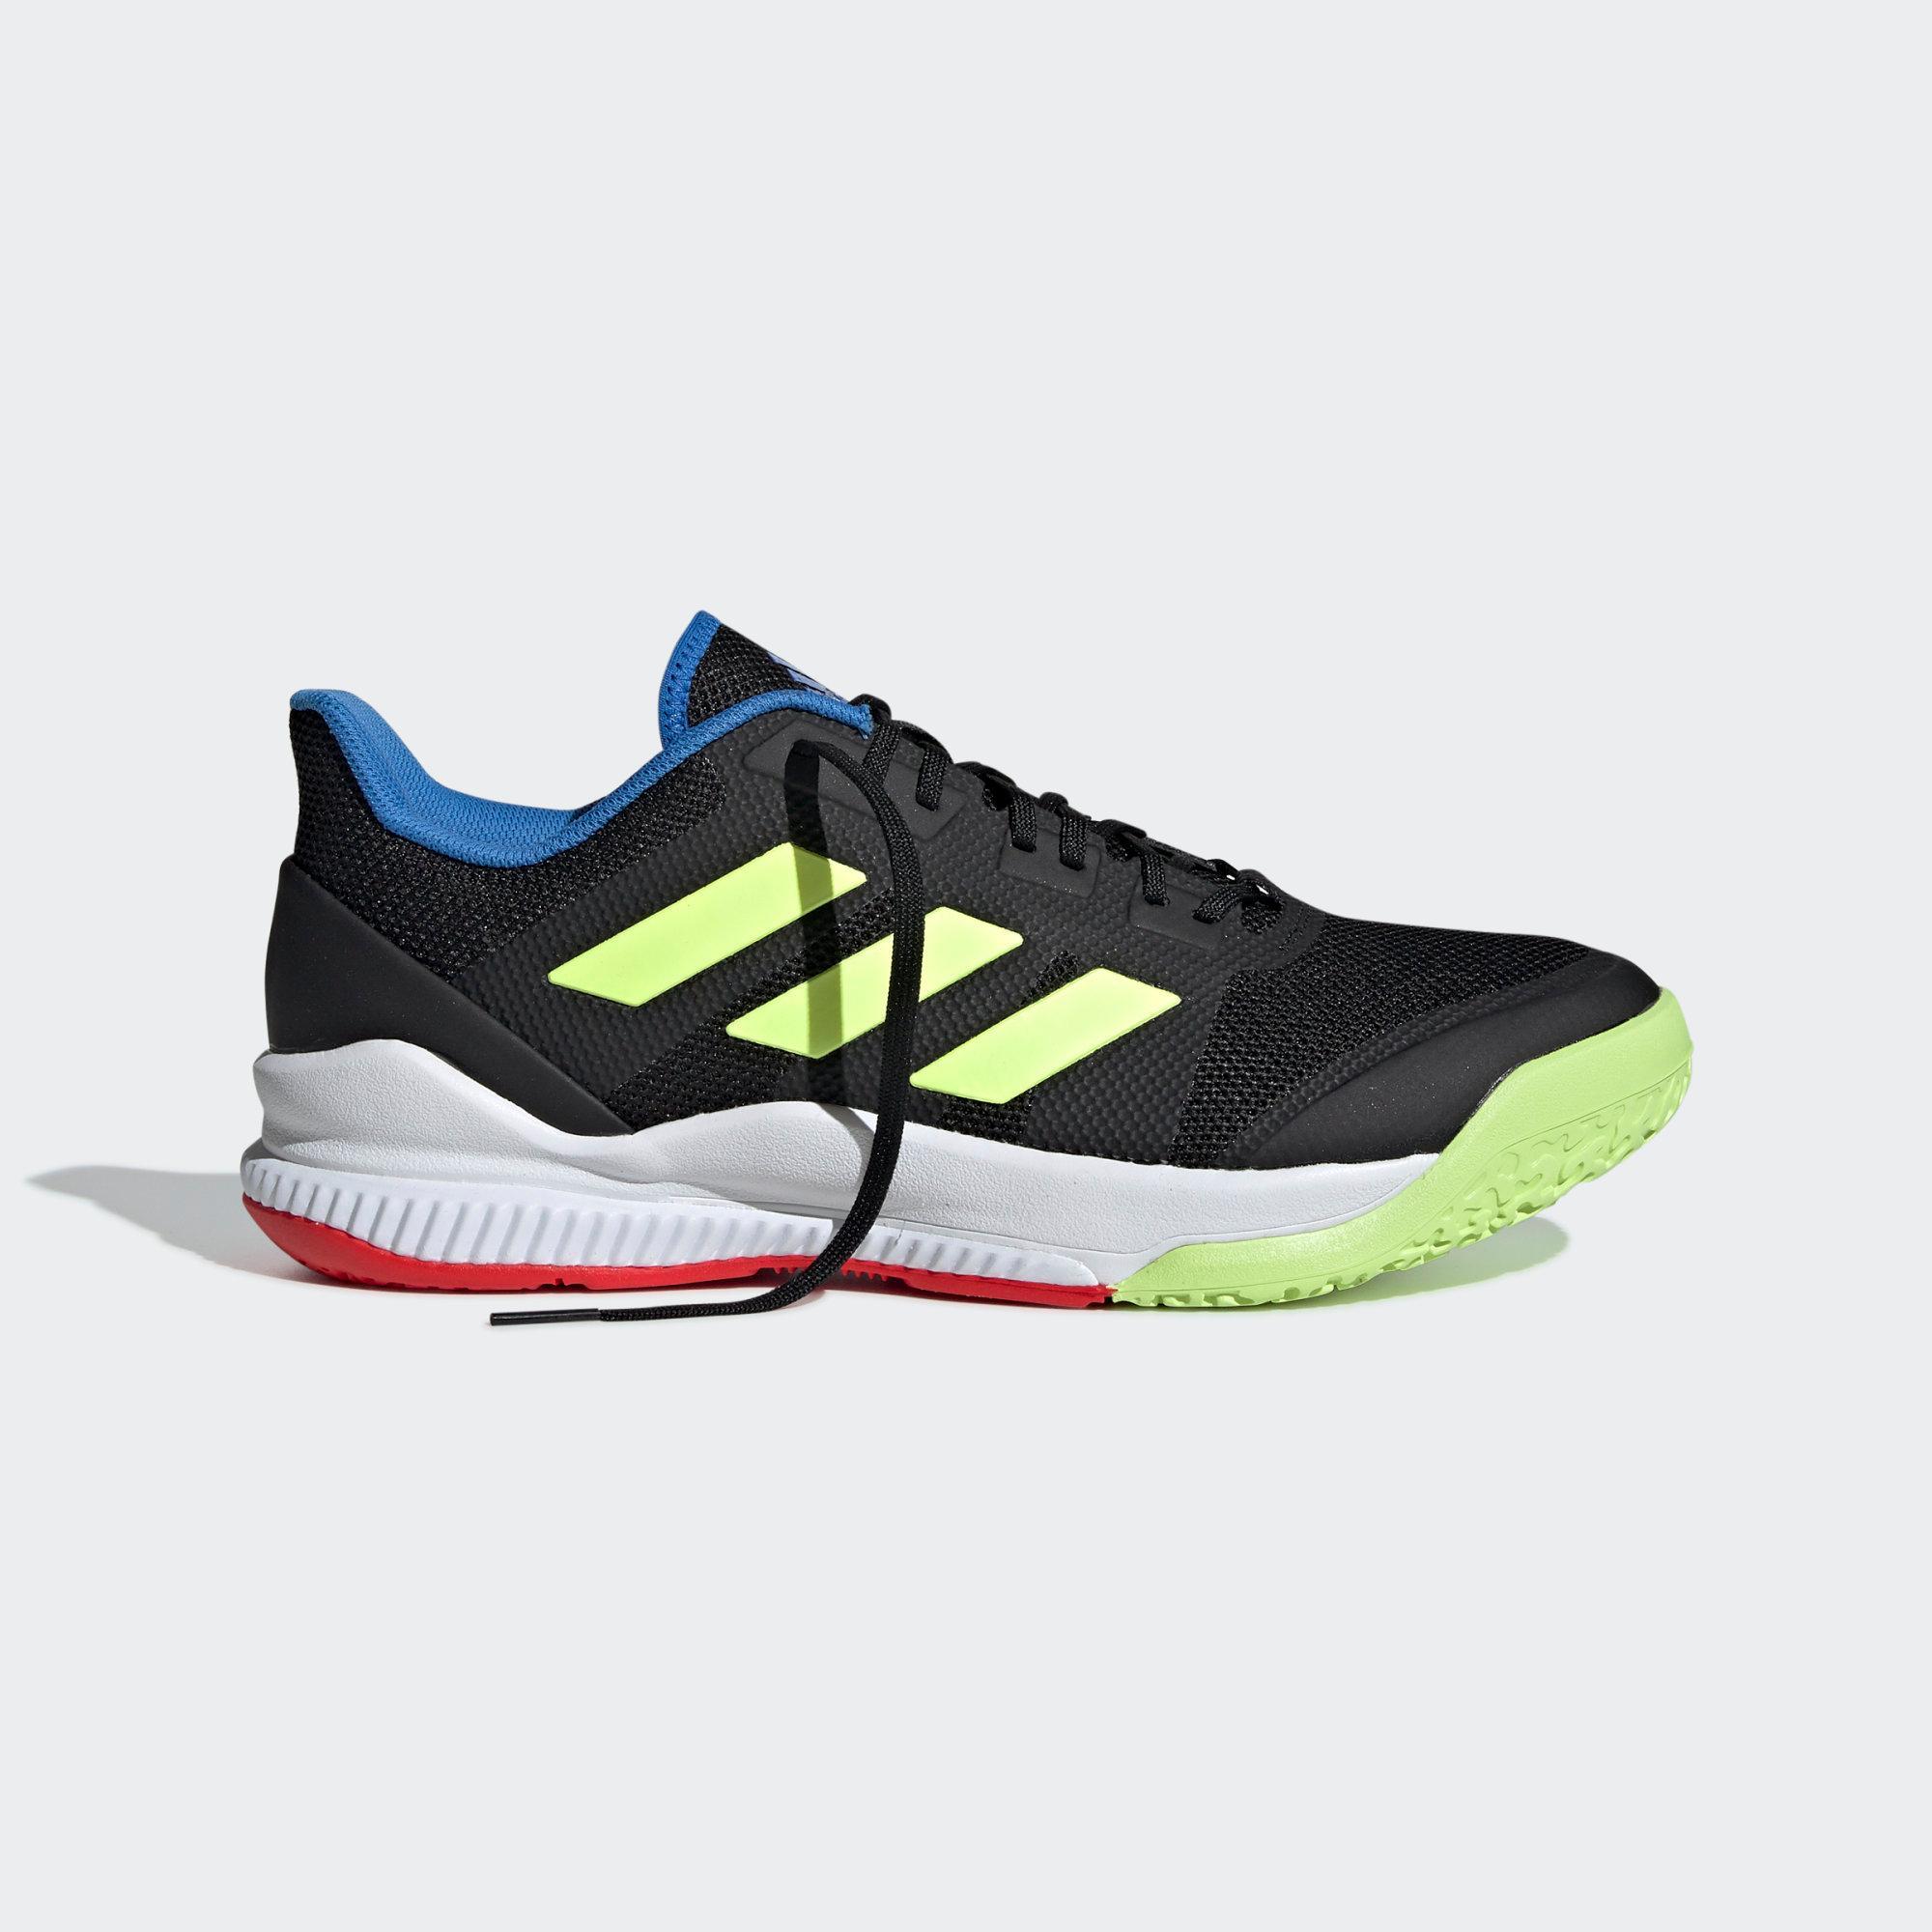 Adidas Hallenschuhe Hi-Res Herren Core schwarz   Hi-Res Hallenschuhe Gelb   True Blau im Online Shop von SportScheck kaufen Gute Qualität beliebte Schuhe d14fc5